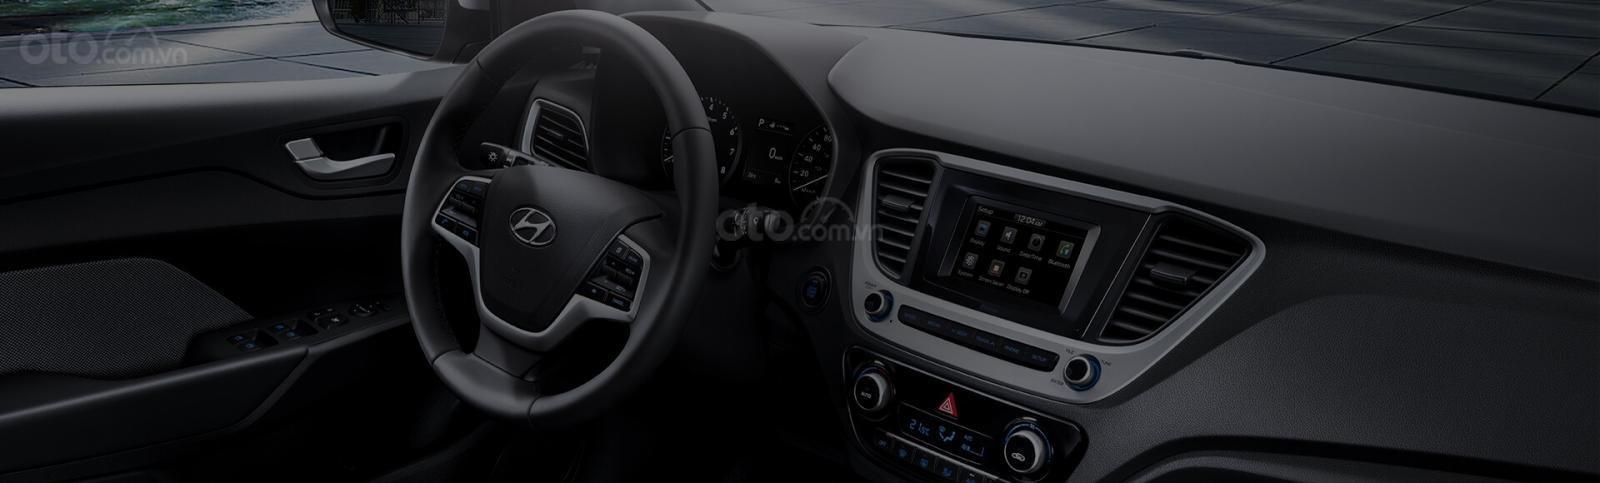 Giảm nóng 50% TTB - Hyundai Accent 2020 - giá hời mùa Covid - tặng thêm phụ kiện chính hãng (5)